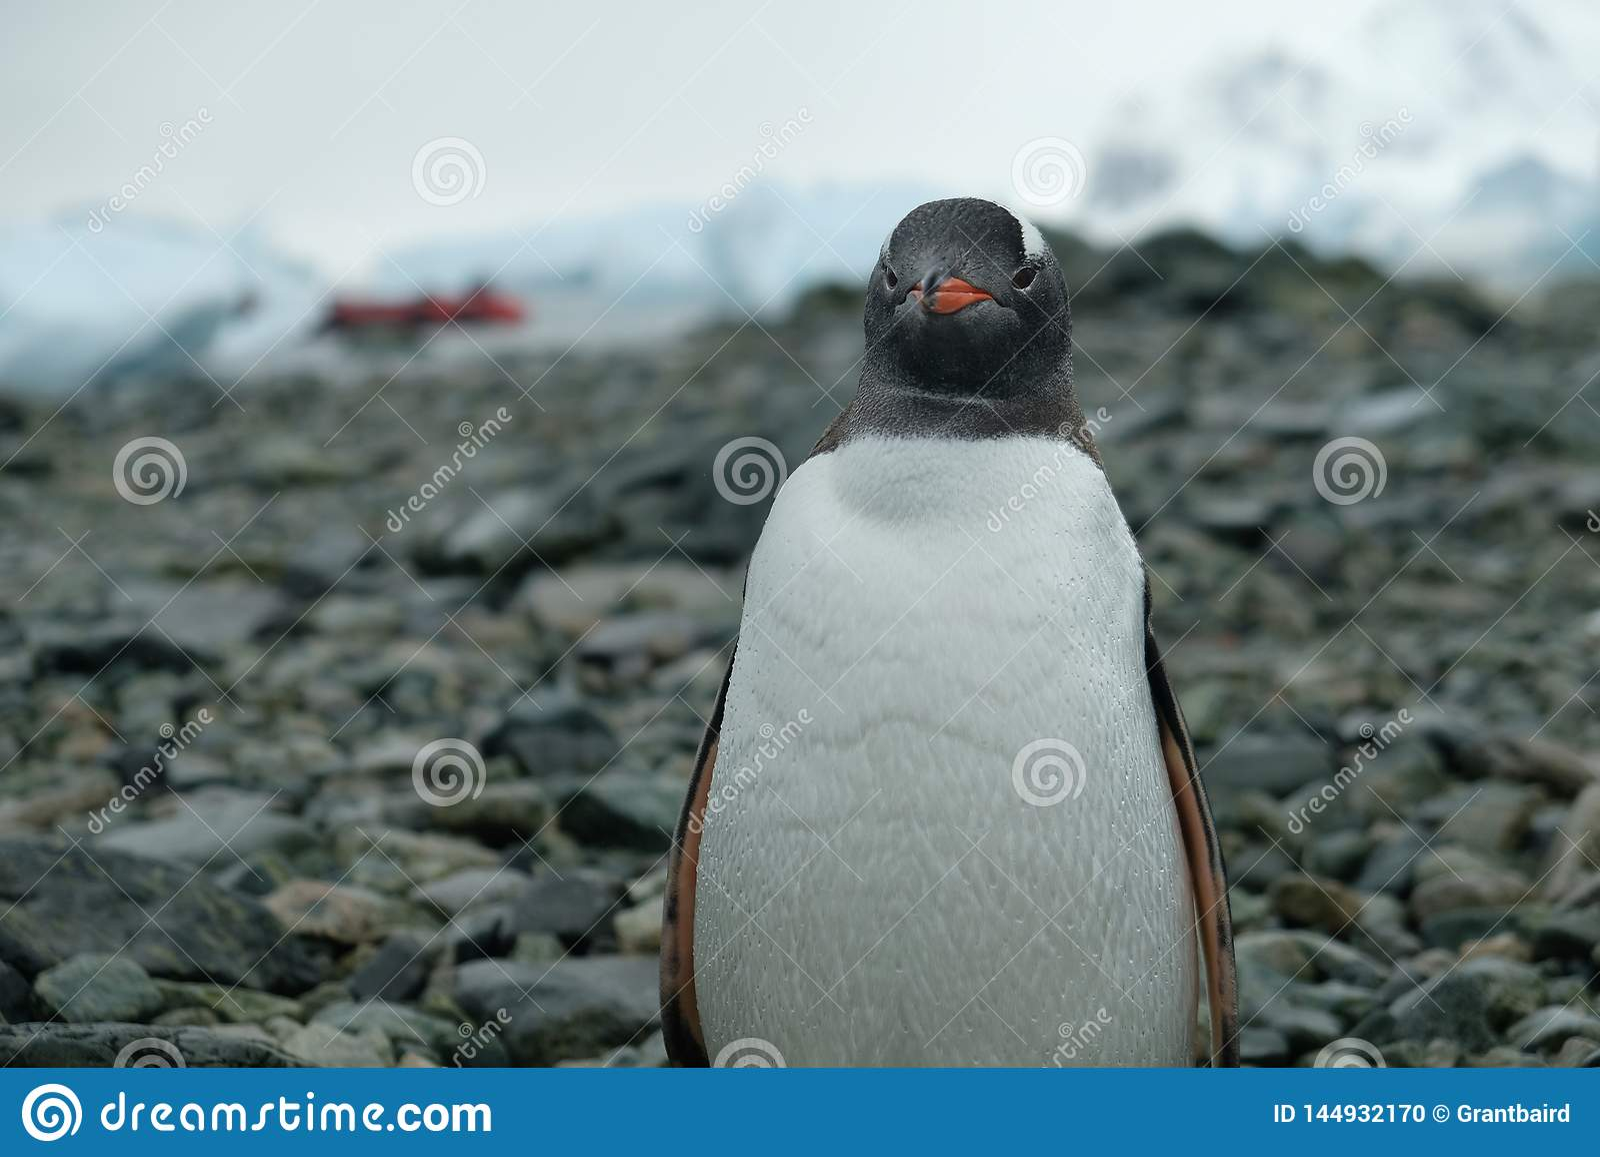 El pingüino de la Antártida Gentoo se coloca en la playa rocosa con descensos del agua en plumas, barco rojo